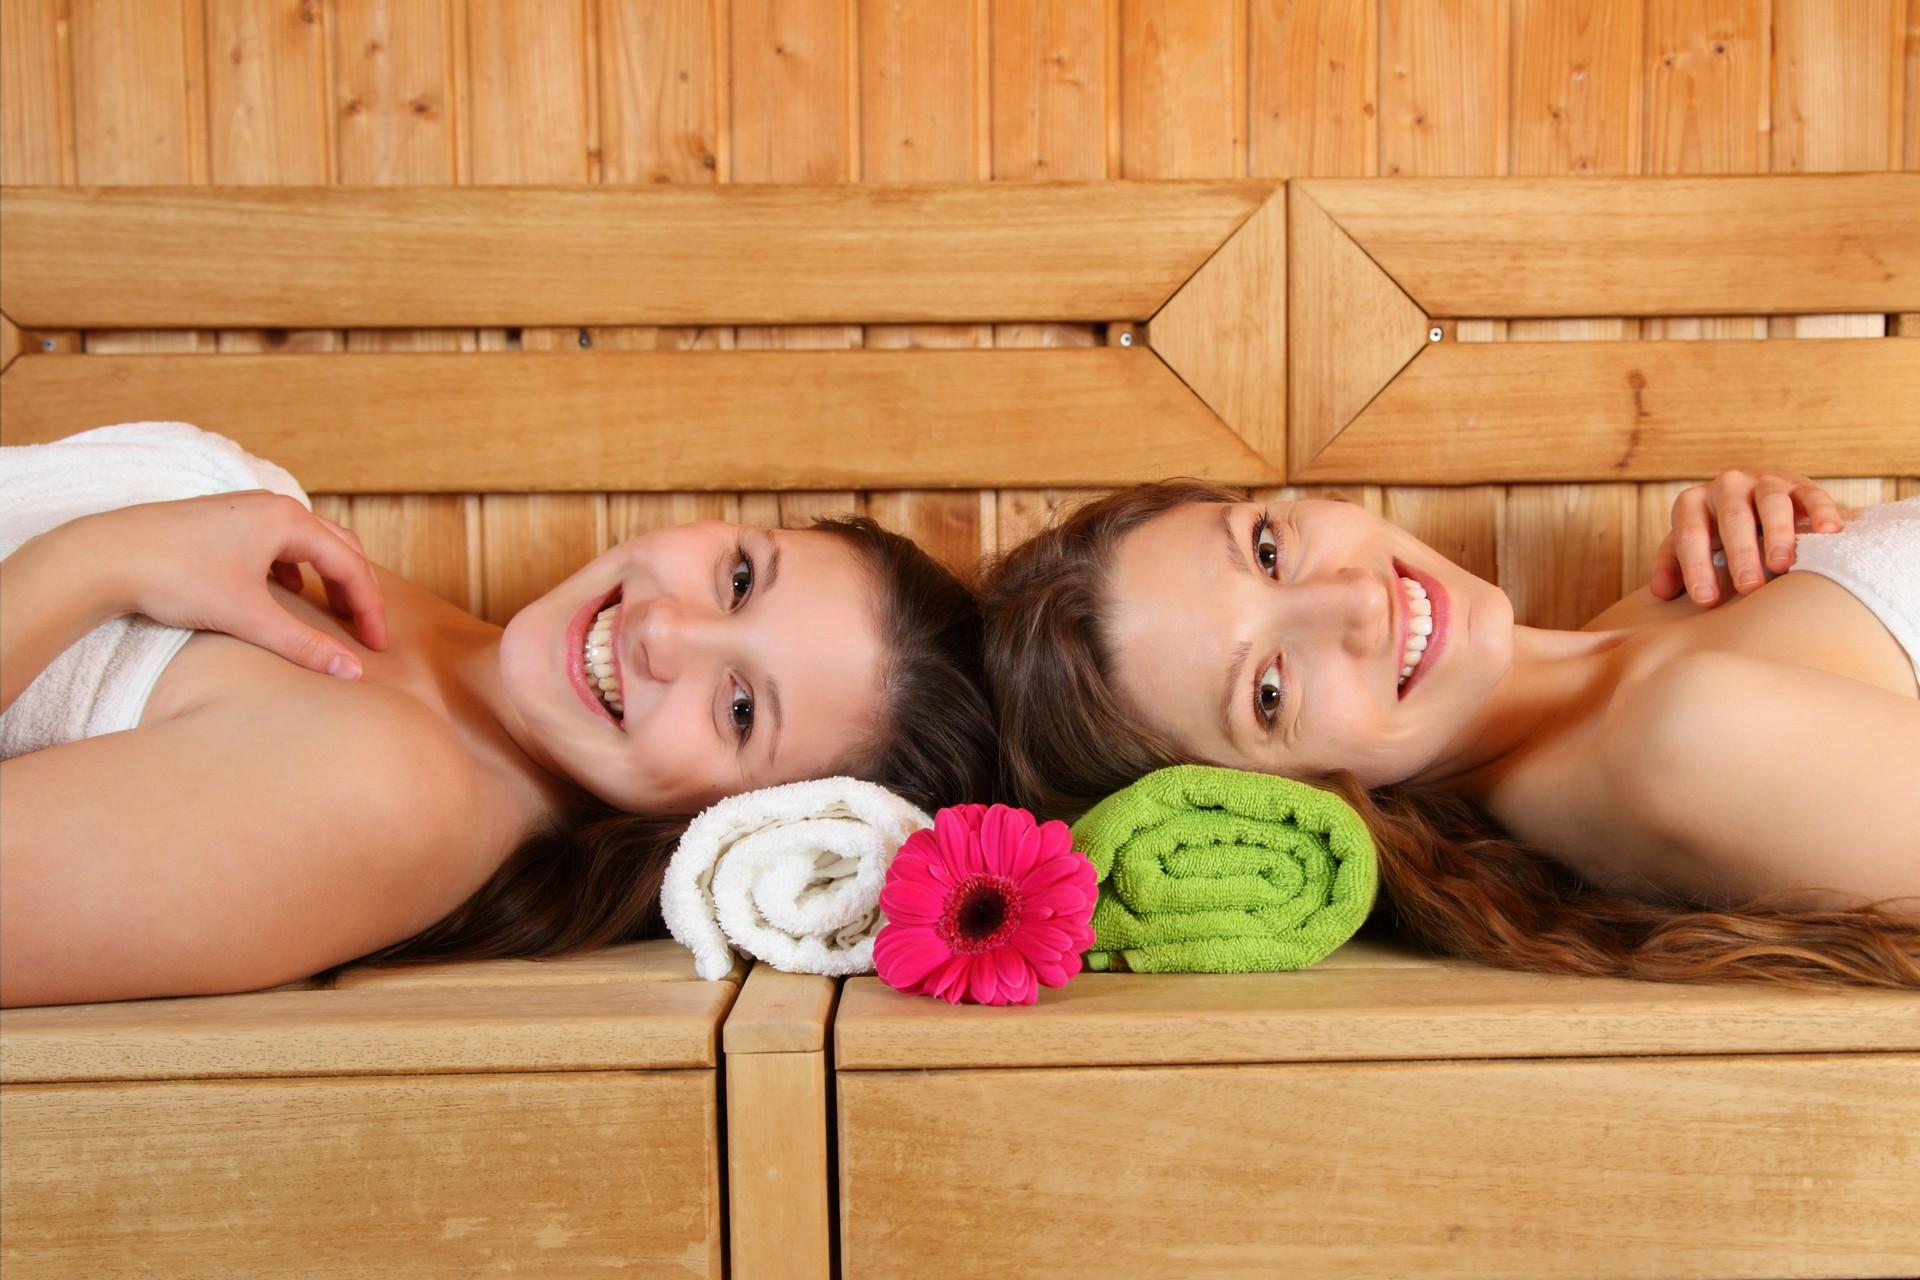 pravidelne saunovani zmirnuje bolest a ulevu svalu